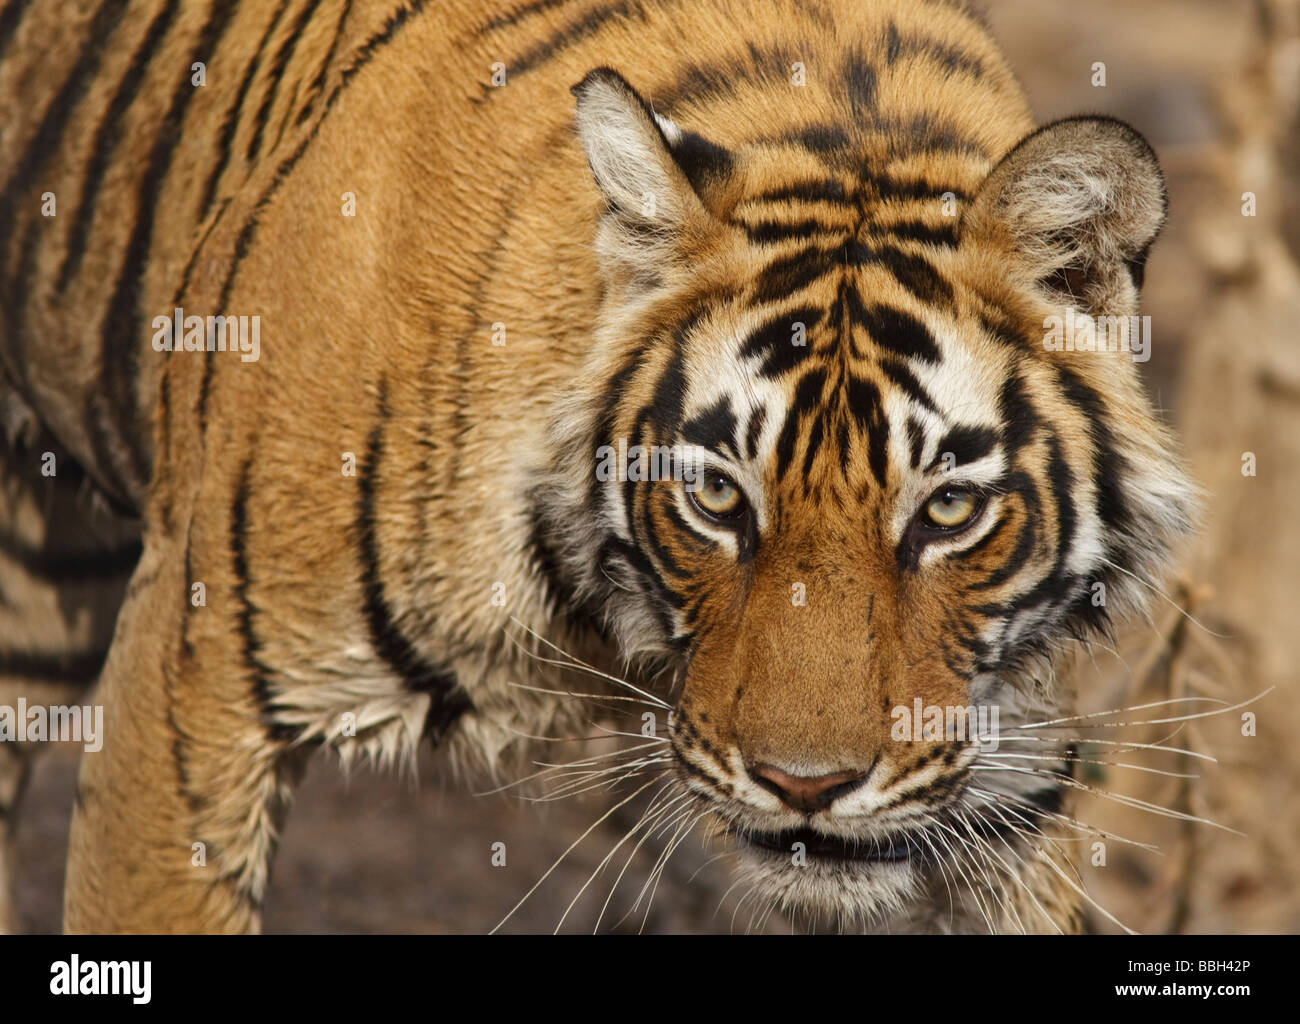 Tigre de Bengala (Panthera tigris tigris) acecha a través de la selva en el Parque nacional de Ranthambore Imagen De Stock